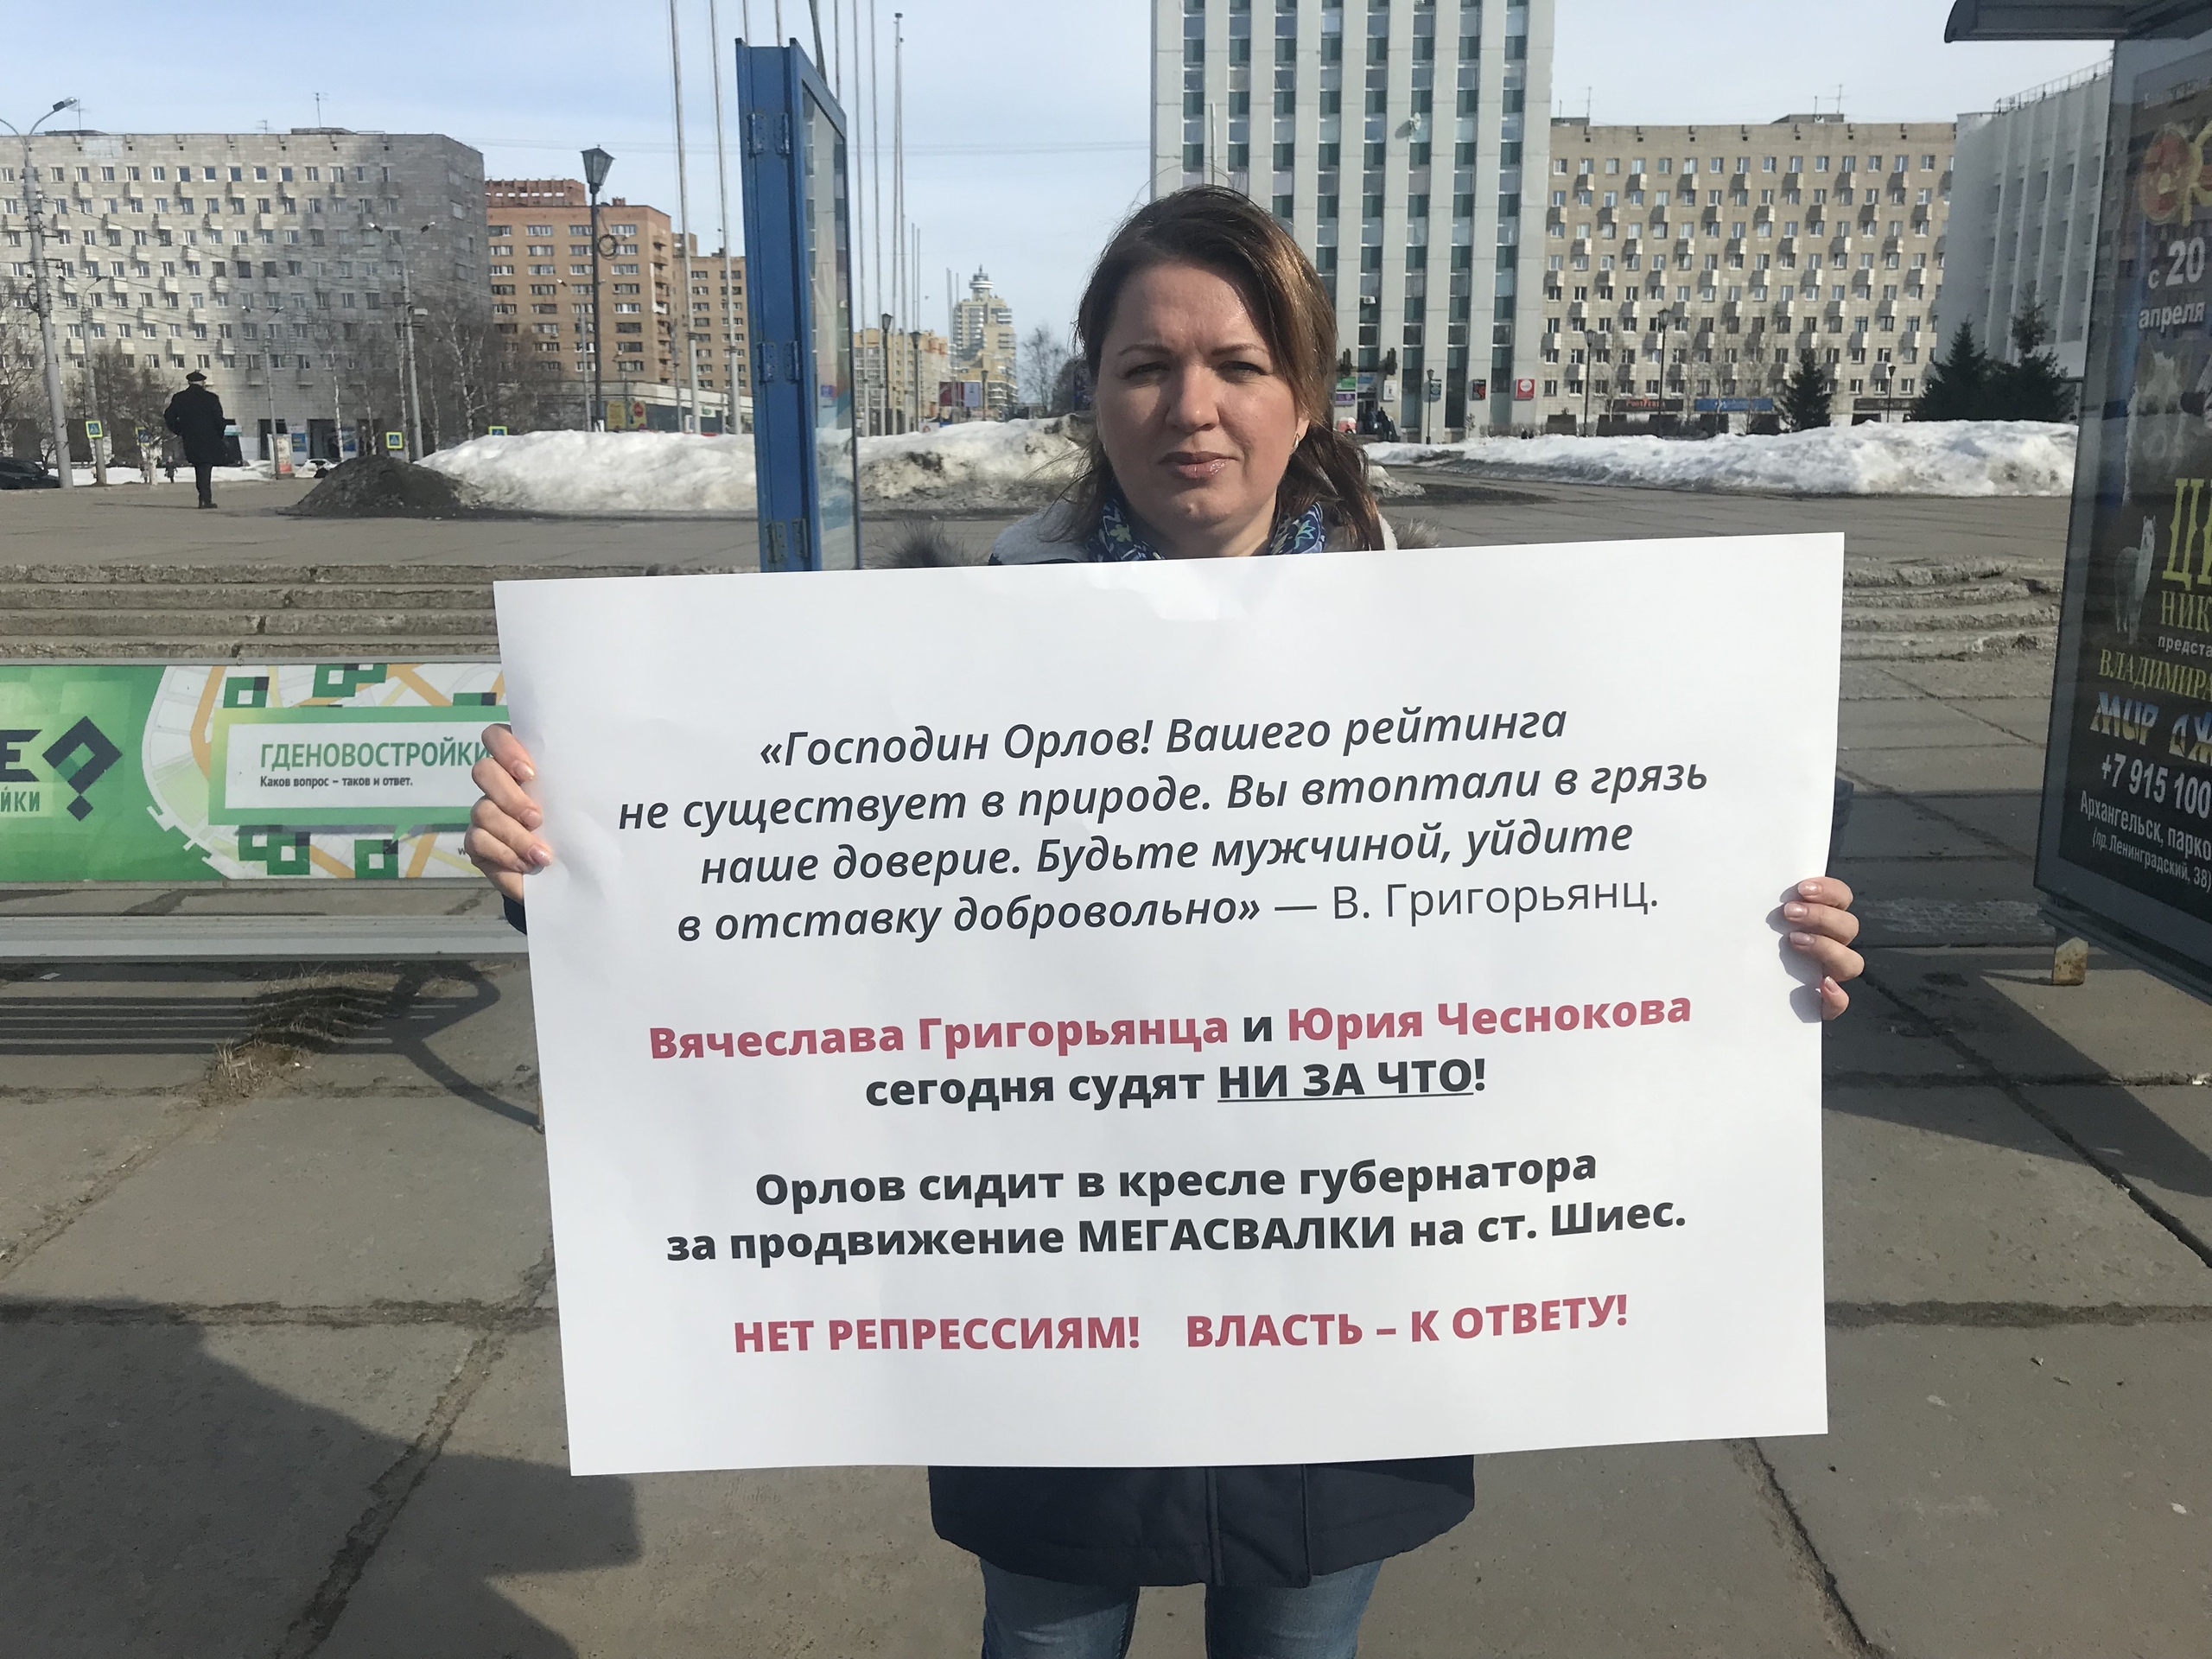 3 апреля в Архангельске и по области прошла серия одиночных пикетов в поддержку задержанных на Шиесе